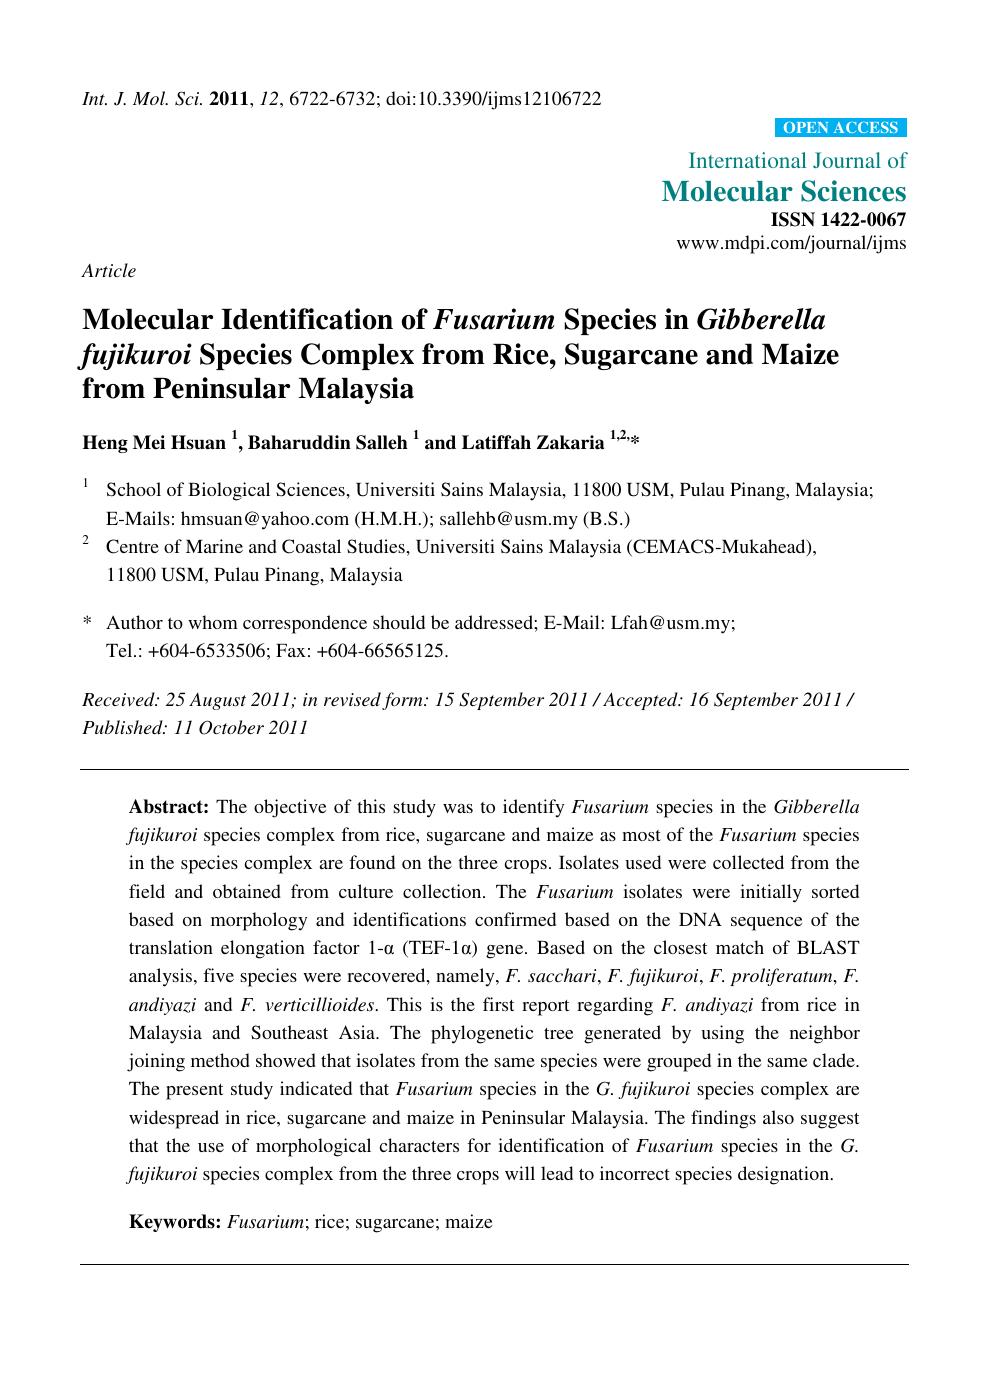 Molecular Identification of Fusarium Species in Gibberella